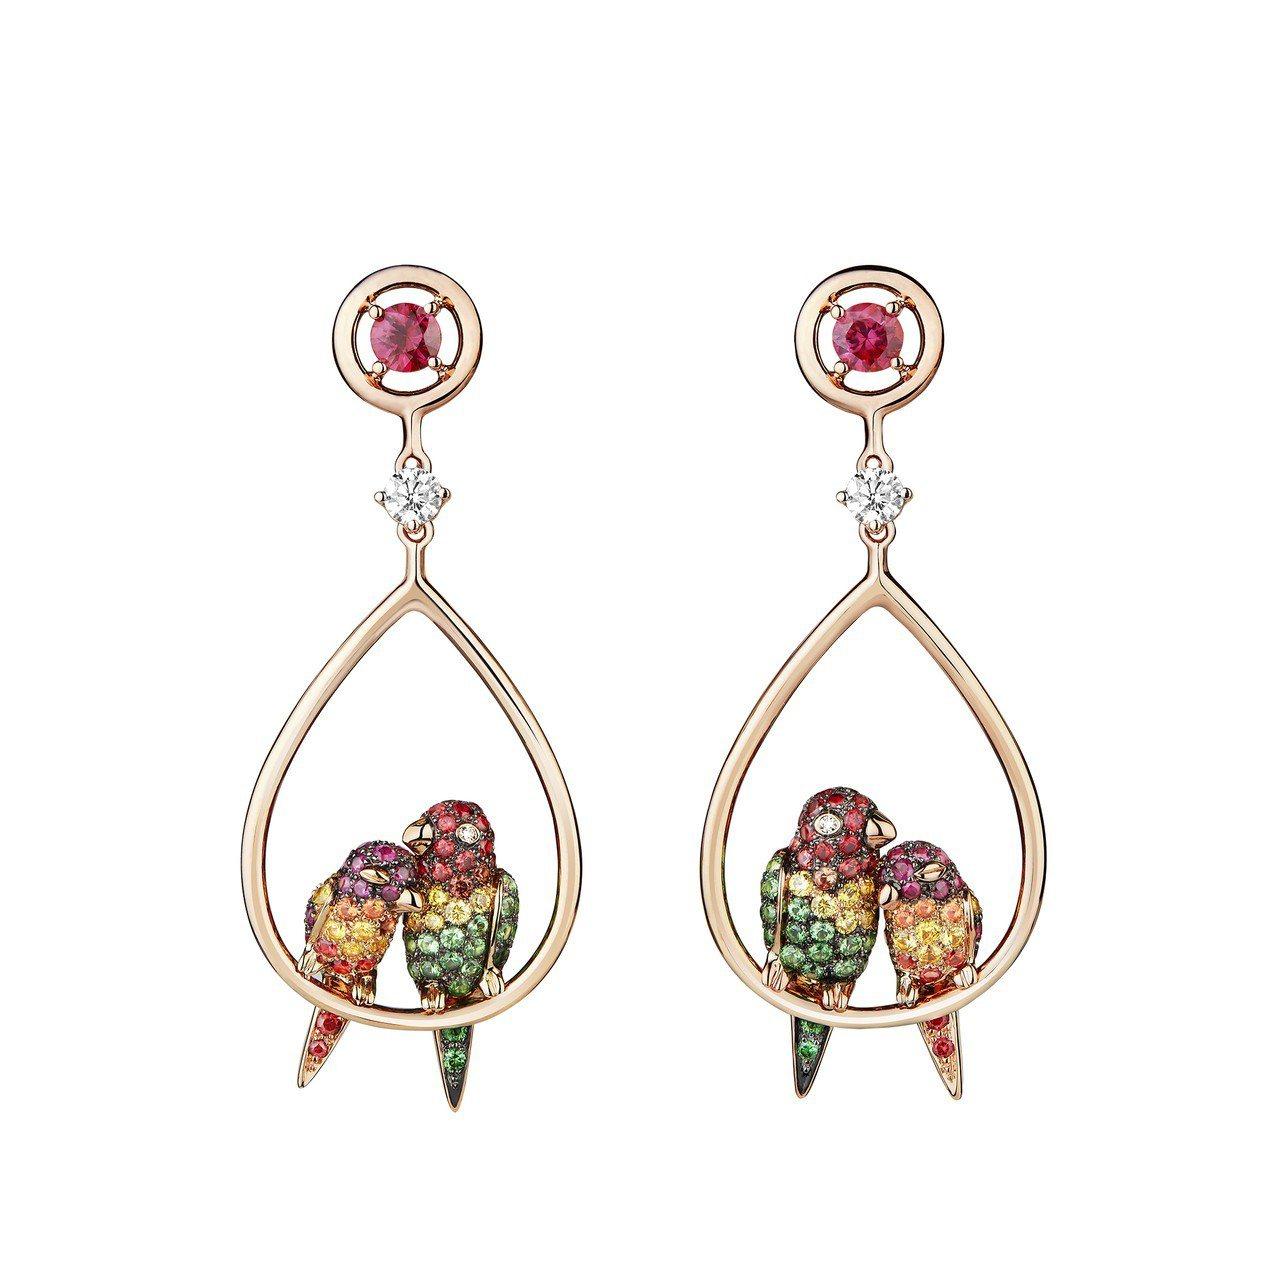 Ella 配戴的寶詩龍NURI鸚鵡耳環,86萬8,000元。圖/寶詩龍提供